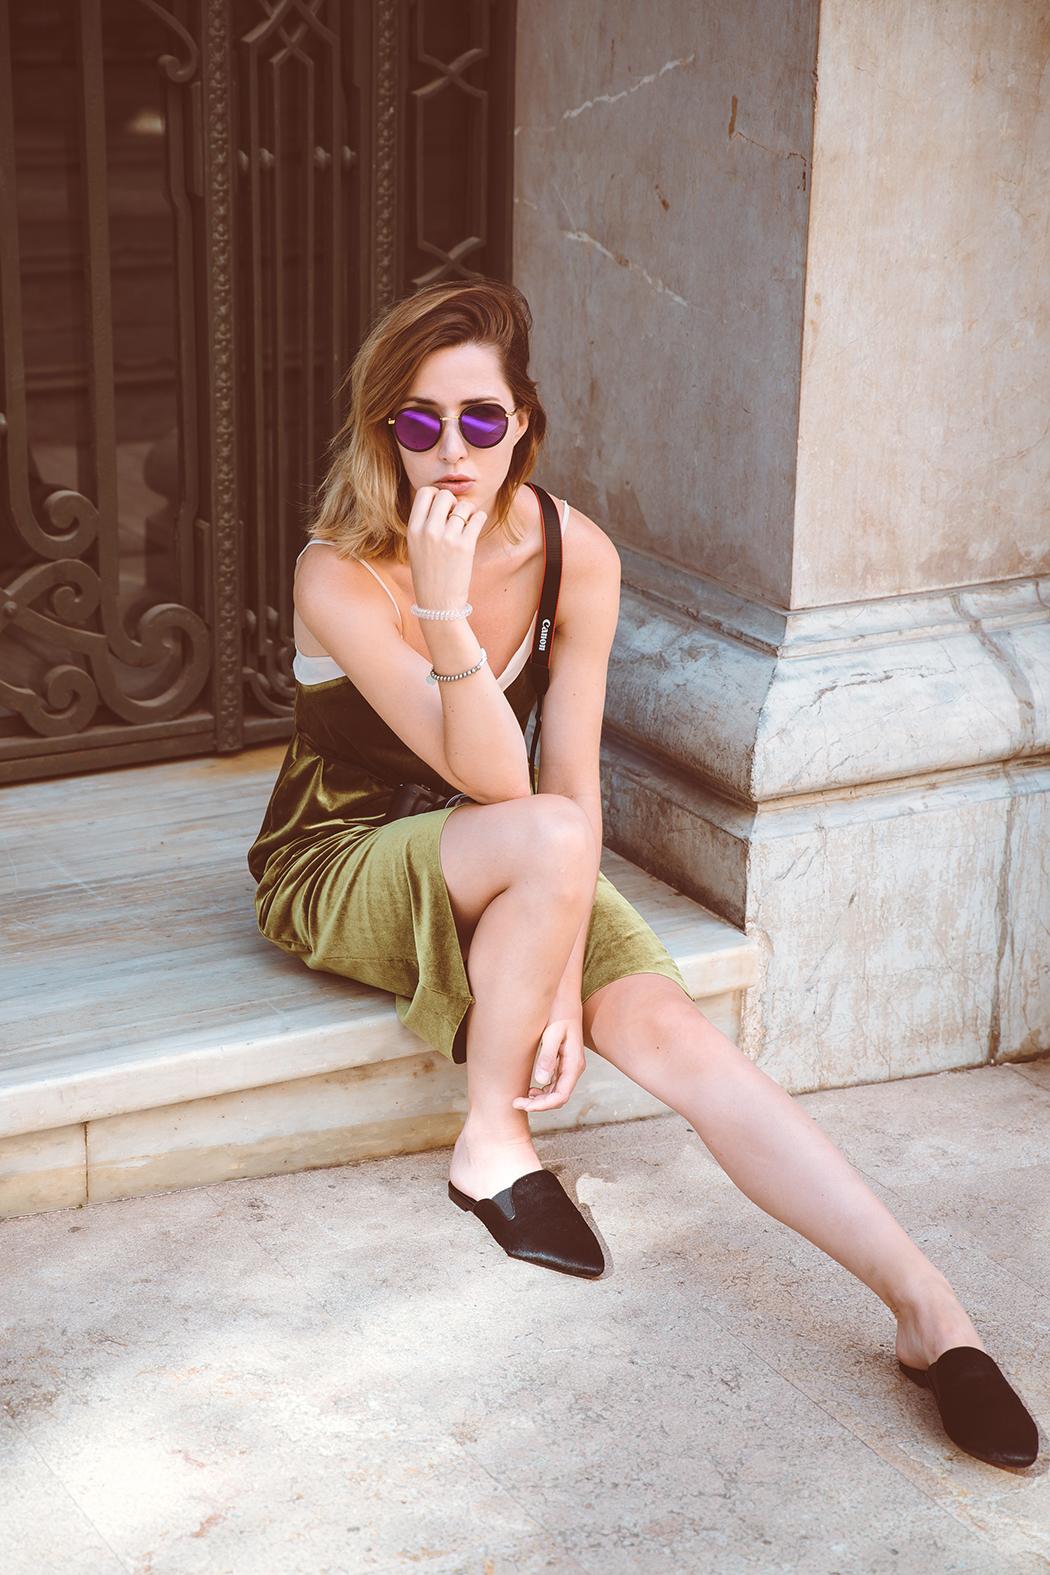 Fashionblog-Fashionblogger-Fashion-Blog-Blogger-Muenchen-Munich-Deutschland-Modeblog-Satinkleid-Slipper